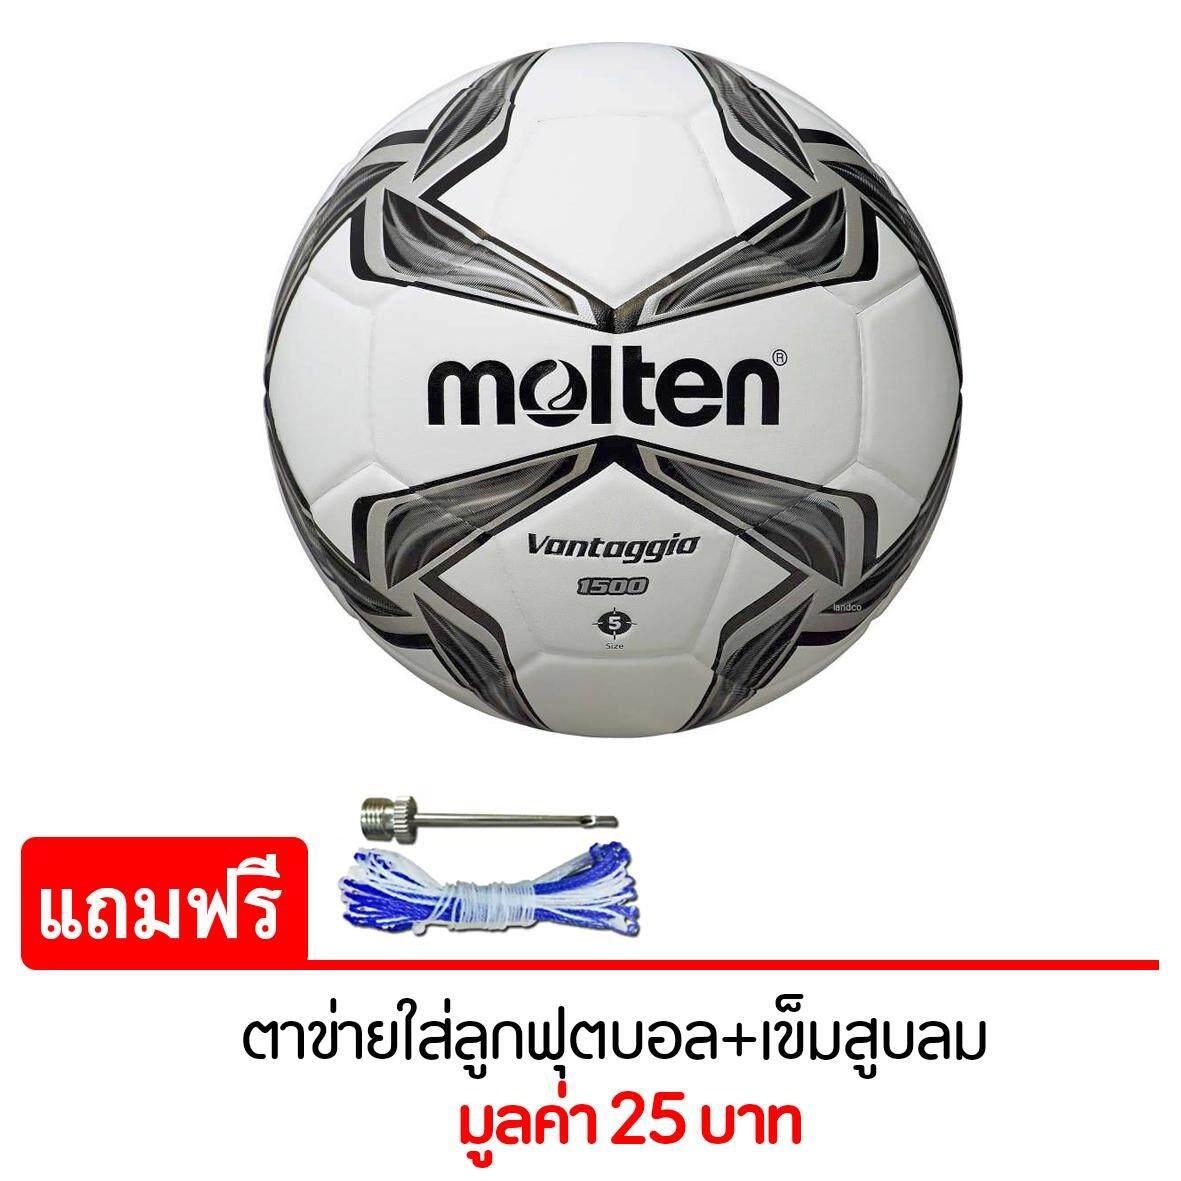 ยี่ห้อไหนดี  นนทบุรี MOLTEN ลูกฟุตบอล Football PVC F5V1500-K เบอร์5 แถมฟรี ตาข่ายใส่ลูกฟุตบอล + เข็มสูบลม